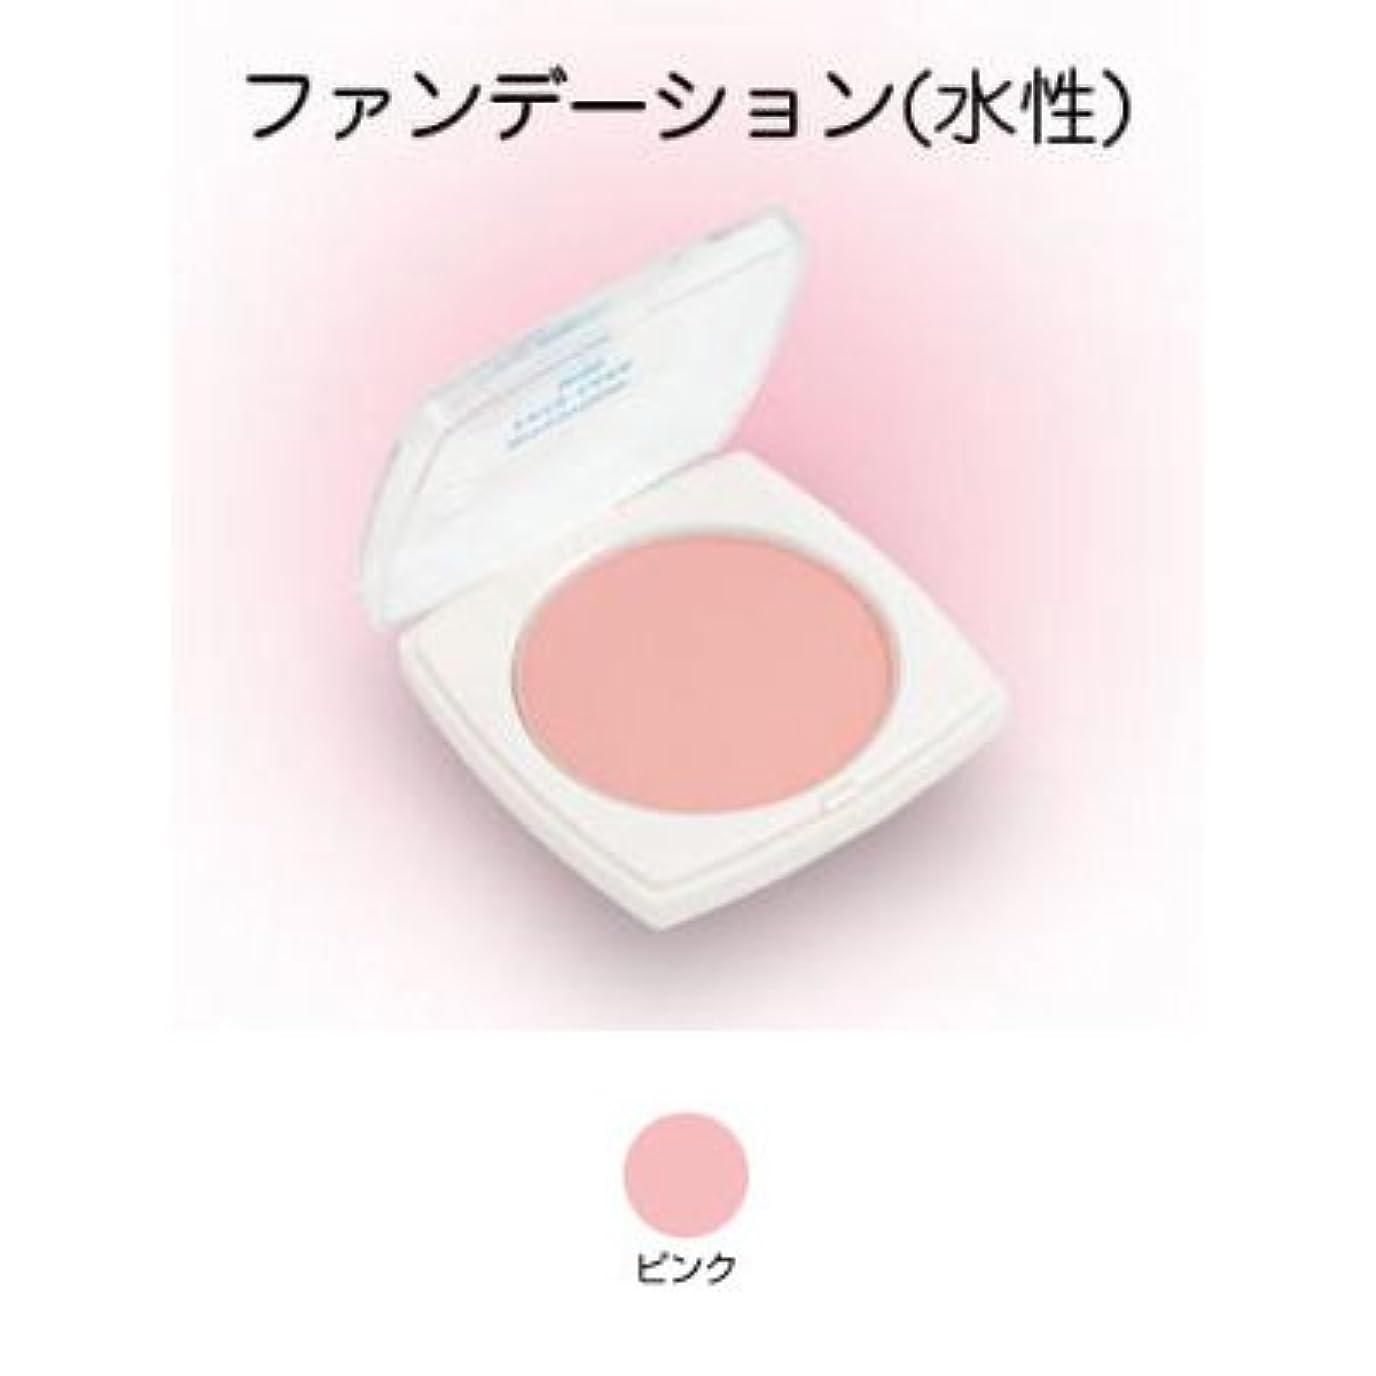 驚ほめるねばねばフェースケーキ ミニ 17g ピンク 【三善】